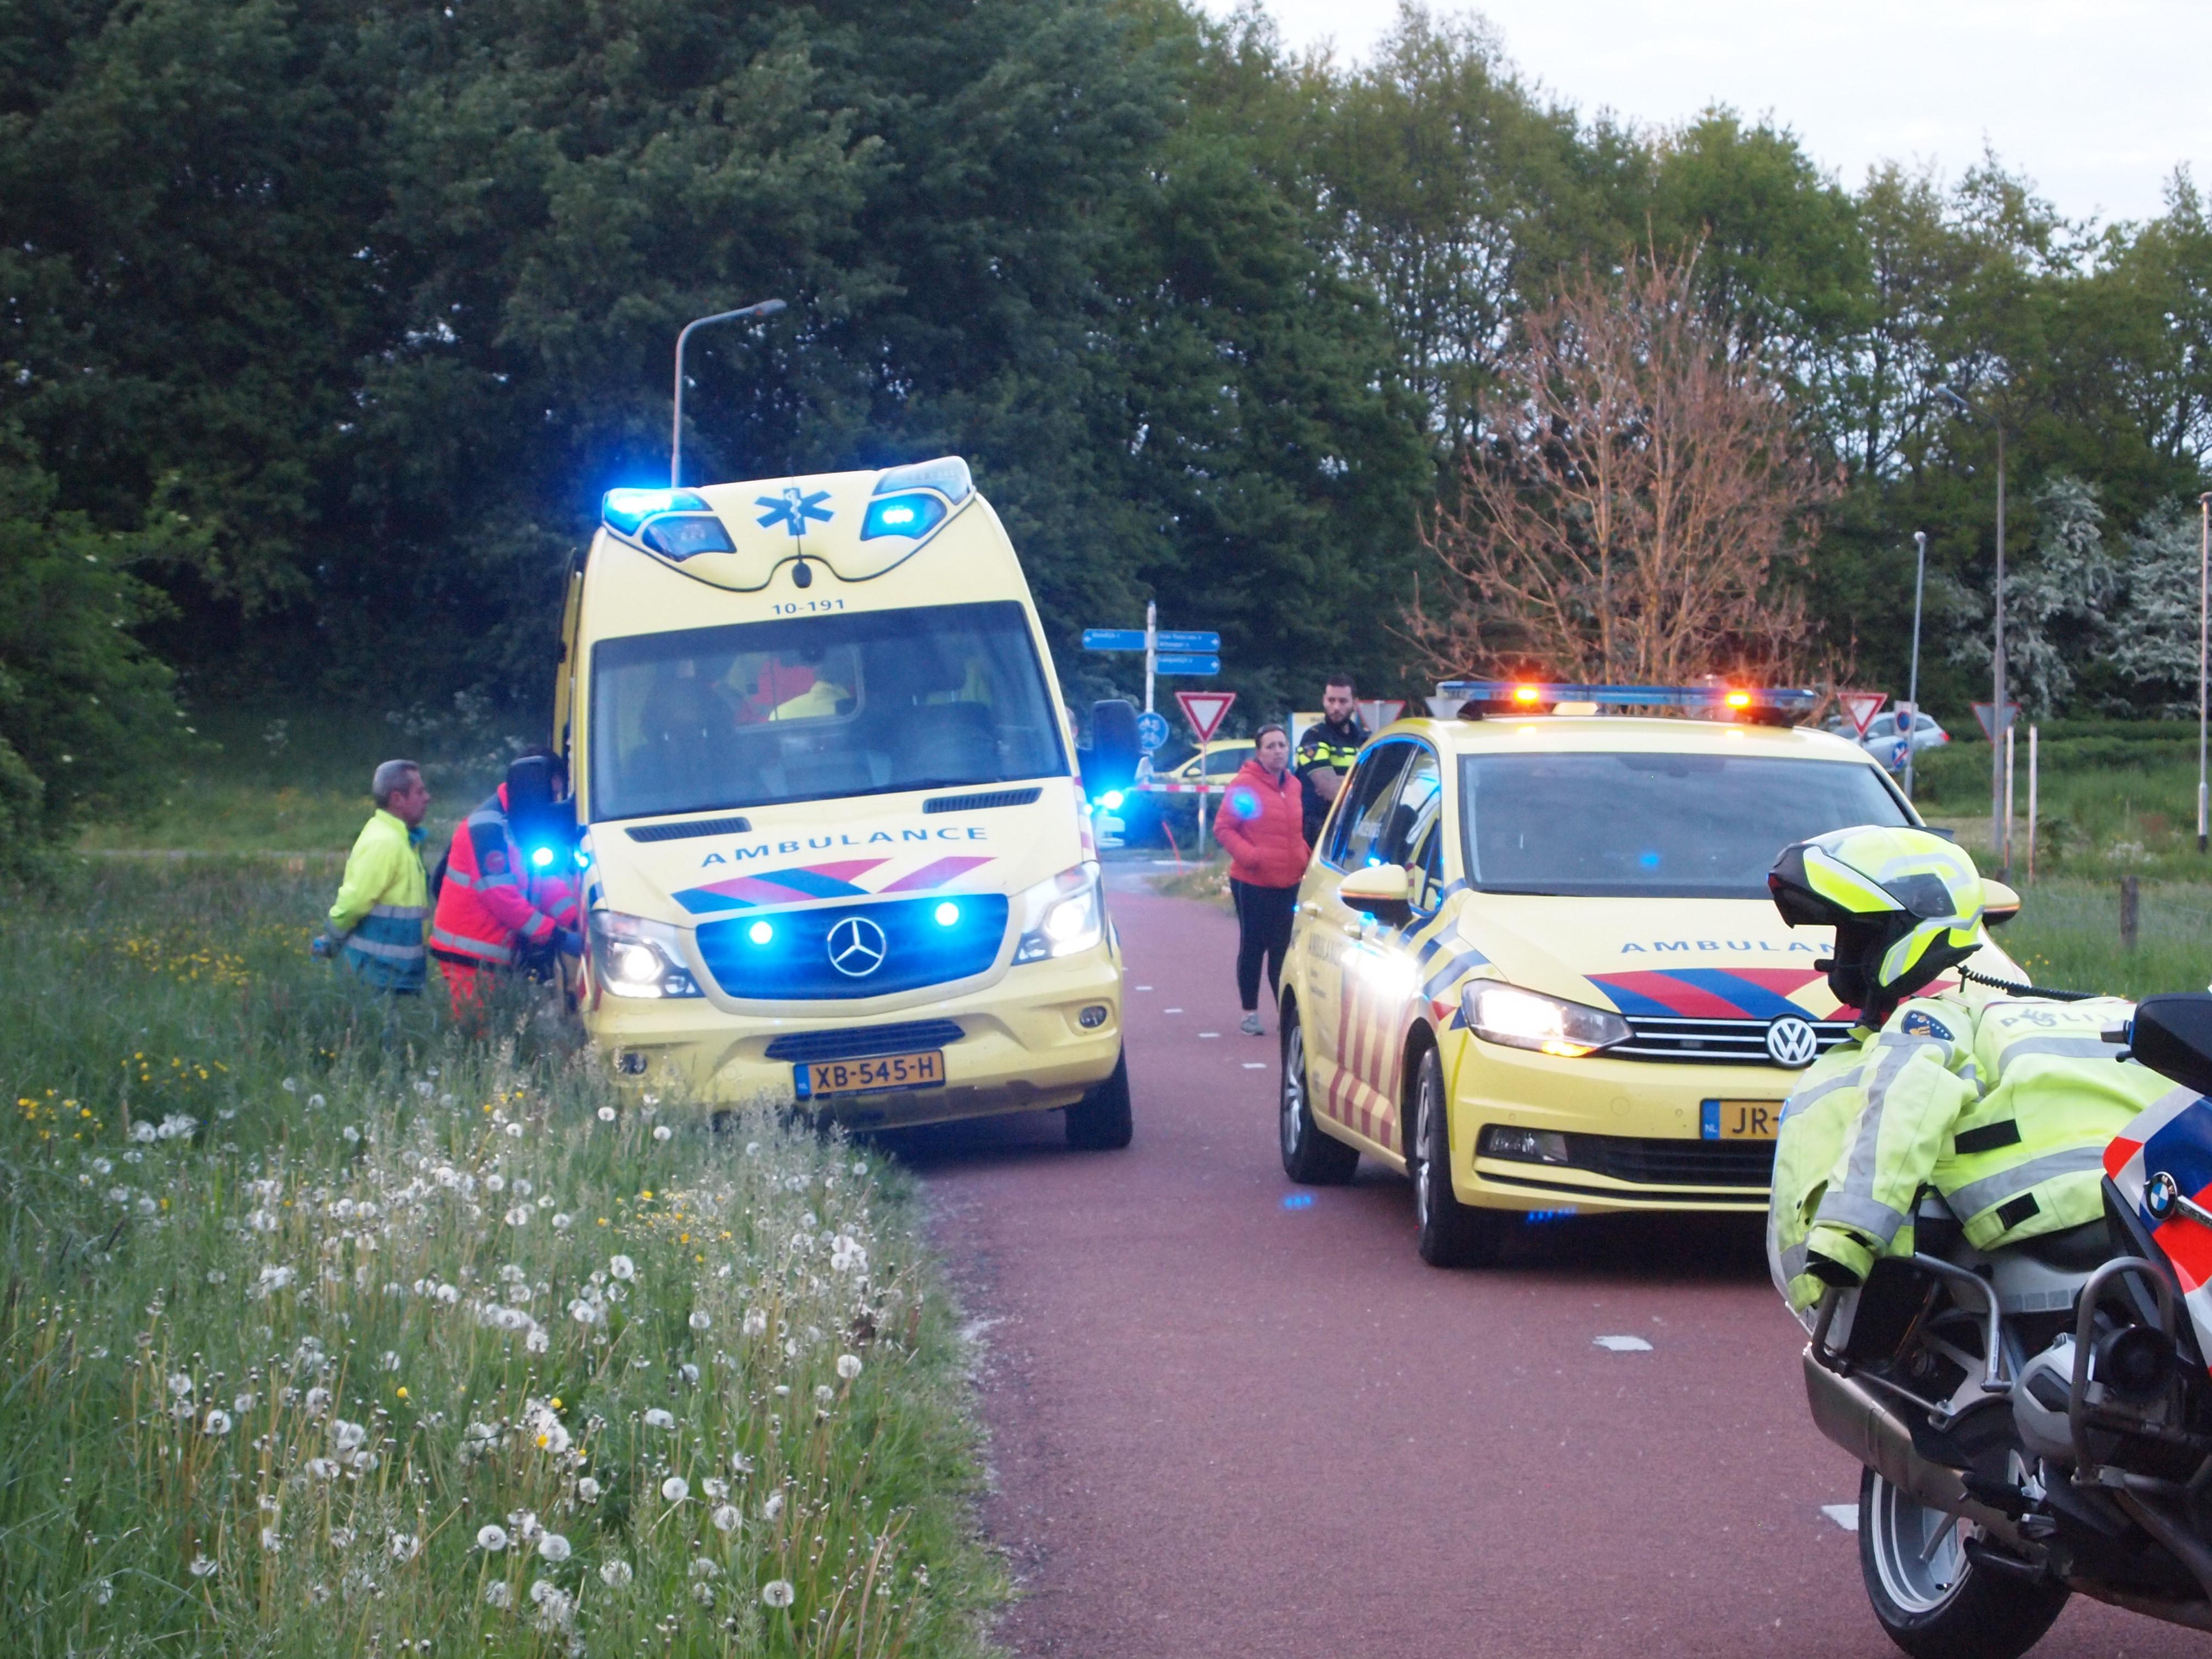 Traumaheli landt in Koedijk voor onwel geworden hardloper, politie krijgt hulp bij identificatie [update]